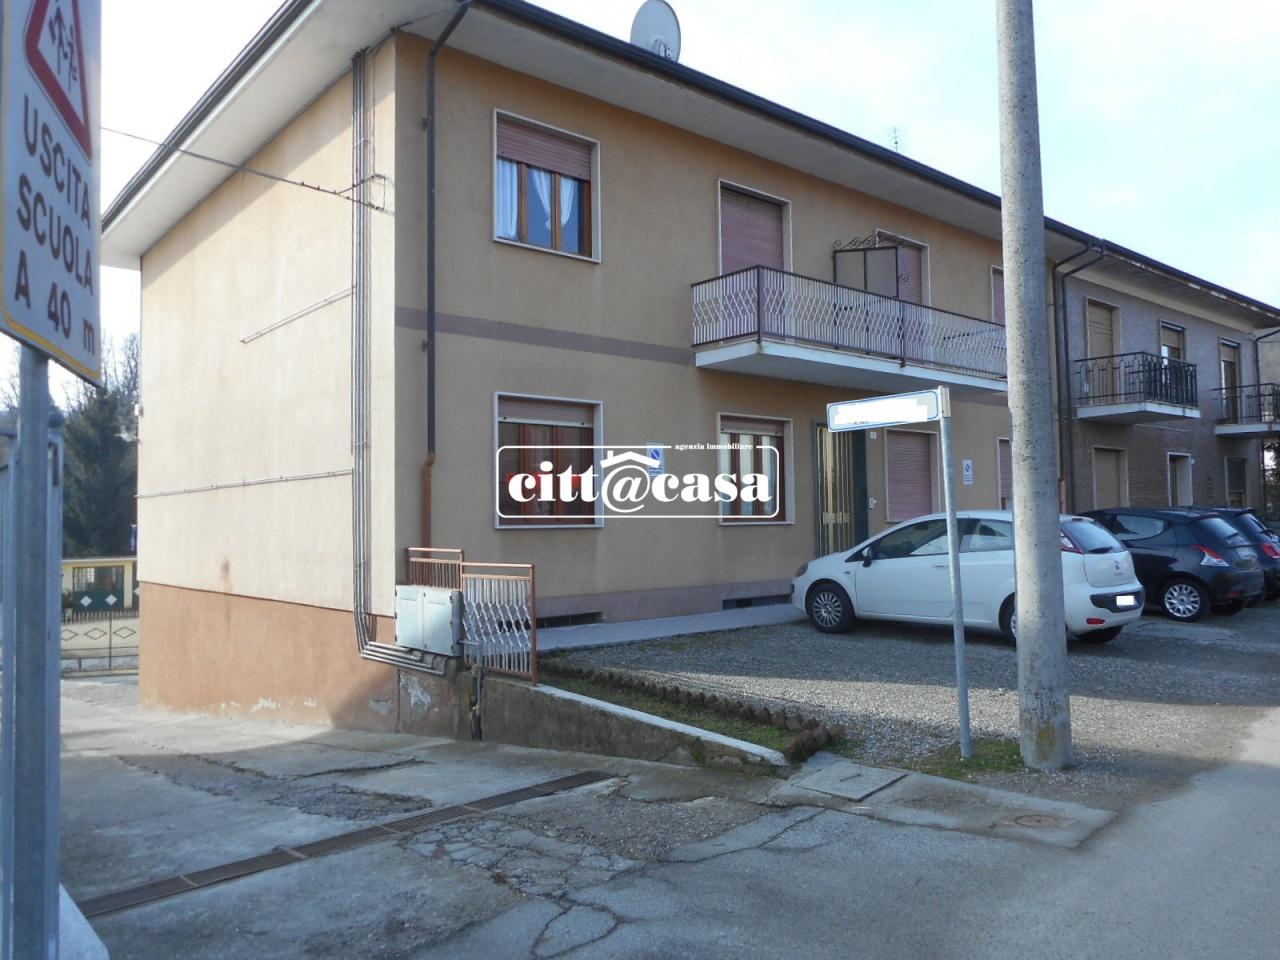 Appartamento in vendita a Casalborgone, 3 locali, prezzo € 100.000 | CambioCasa.it